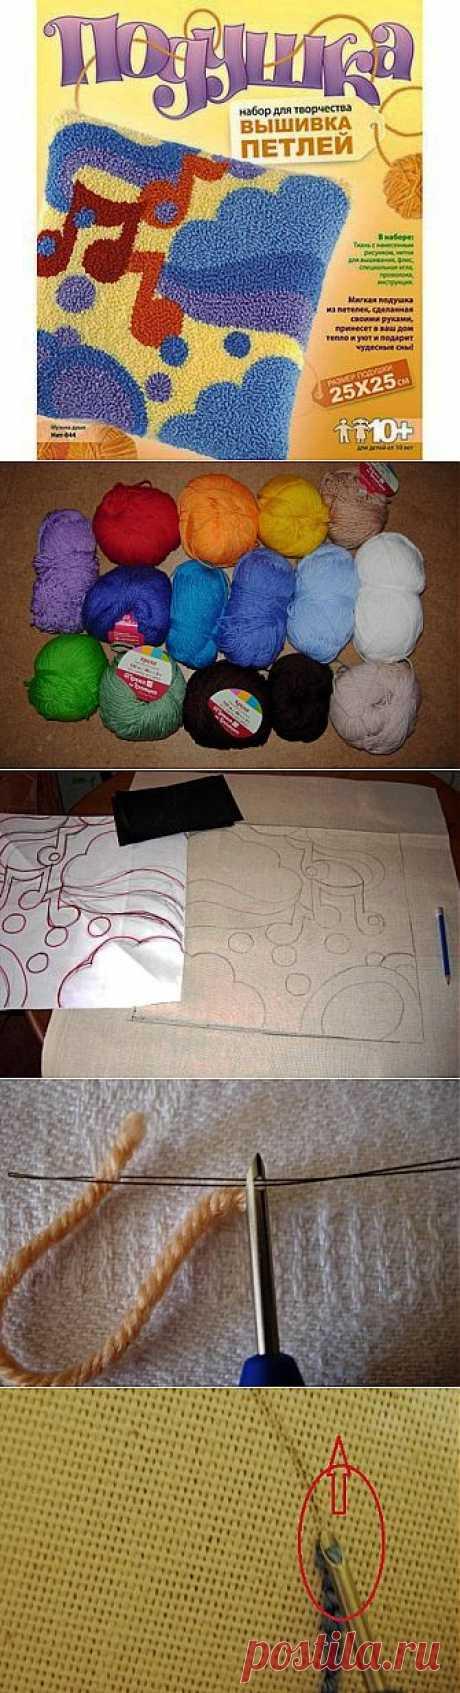 Вышивка петлей